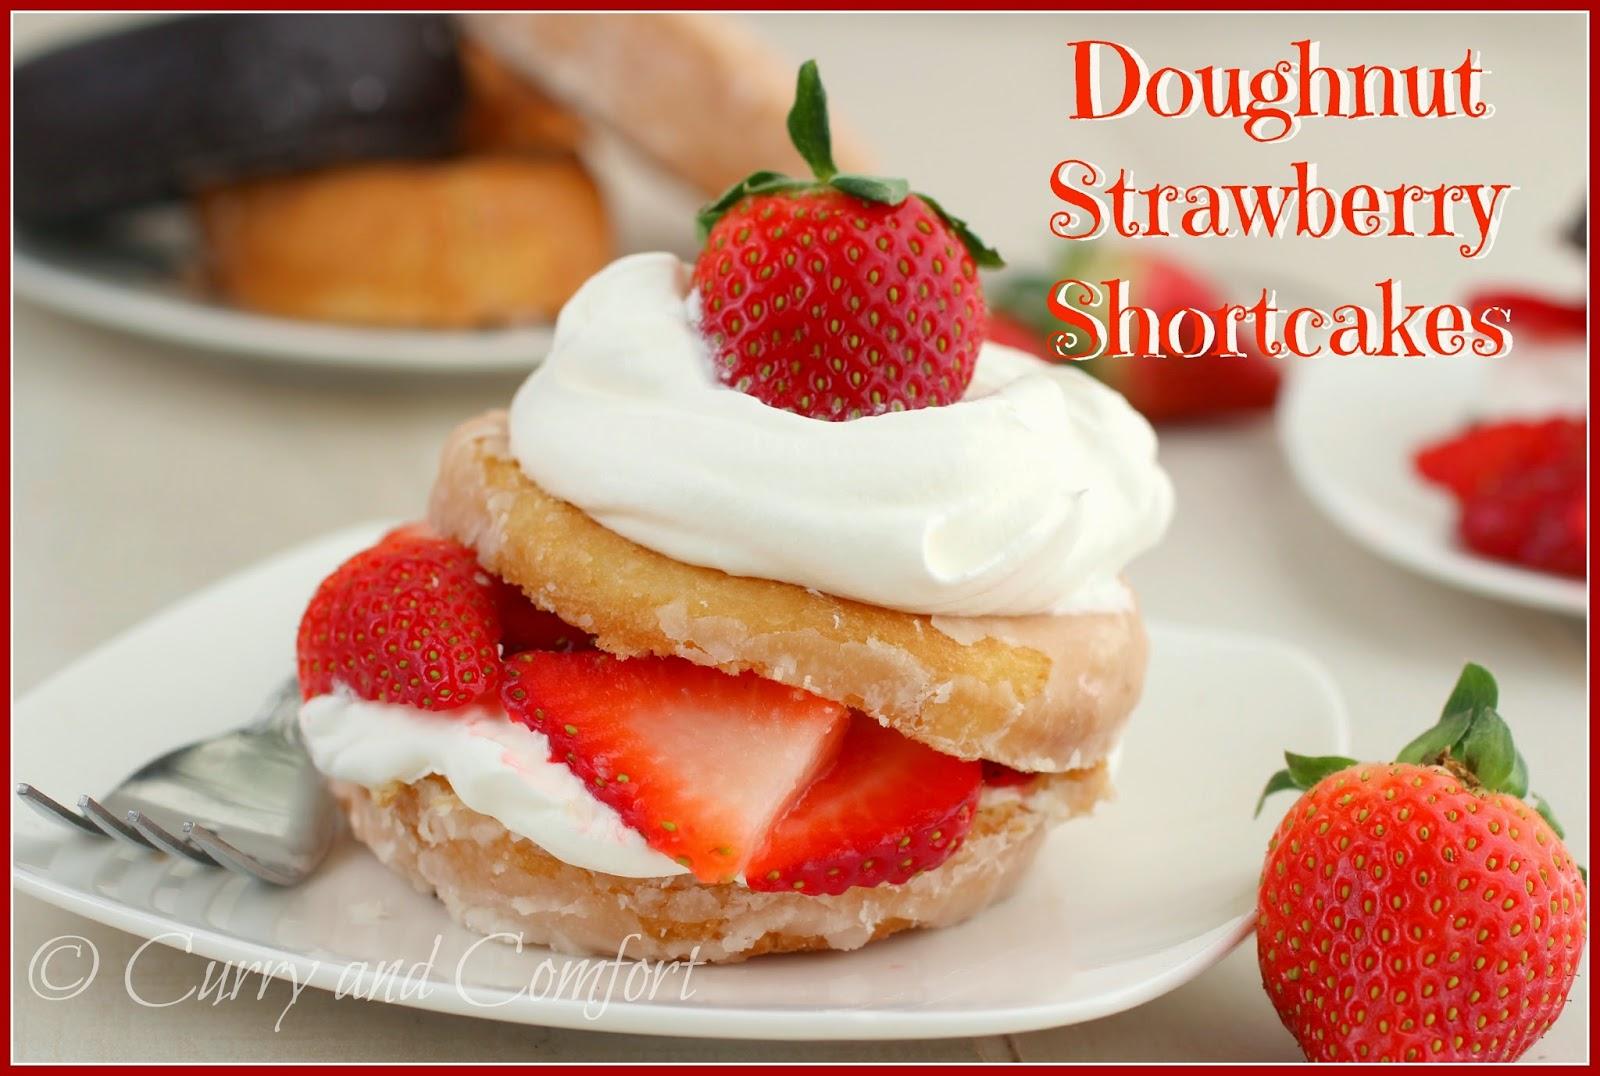 Kitchen Simmer: Doughnut Strawberry Shortcakes